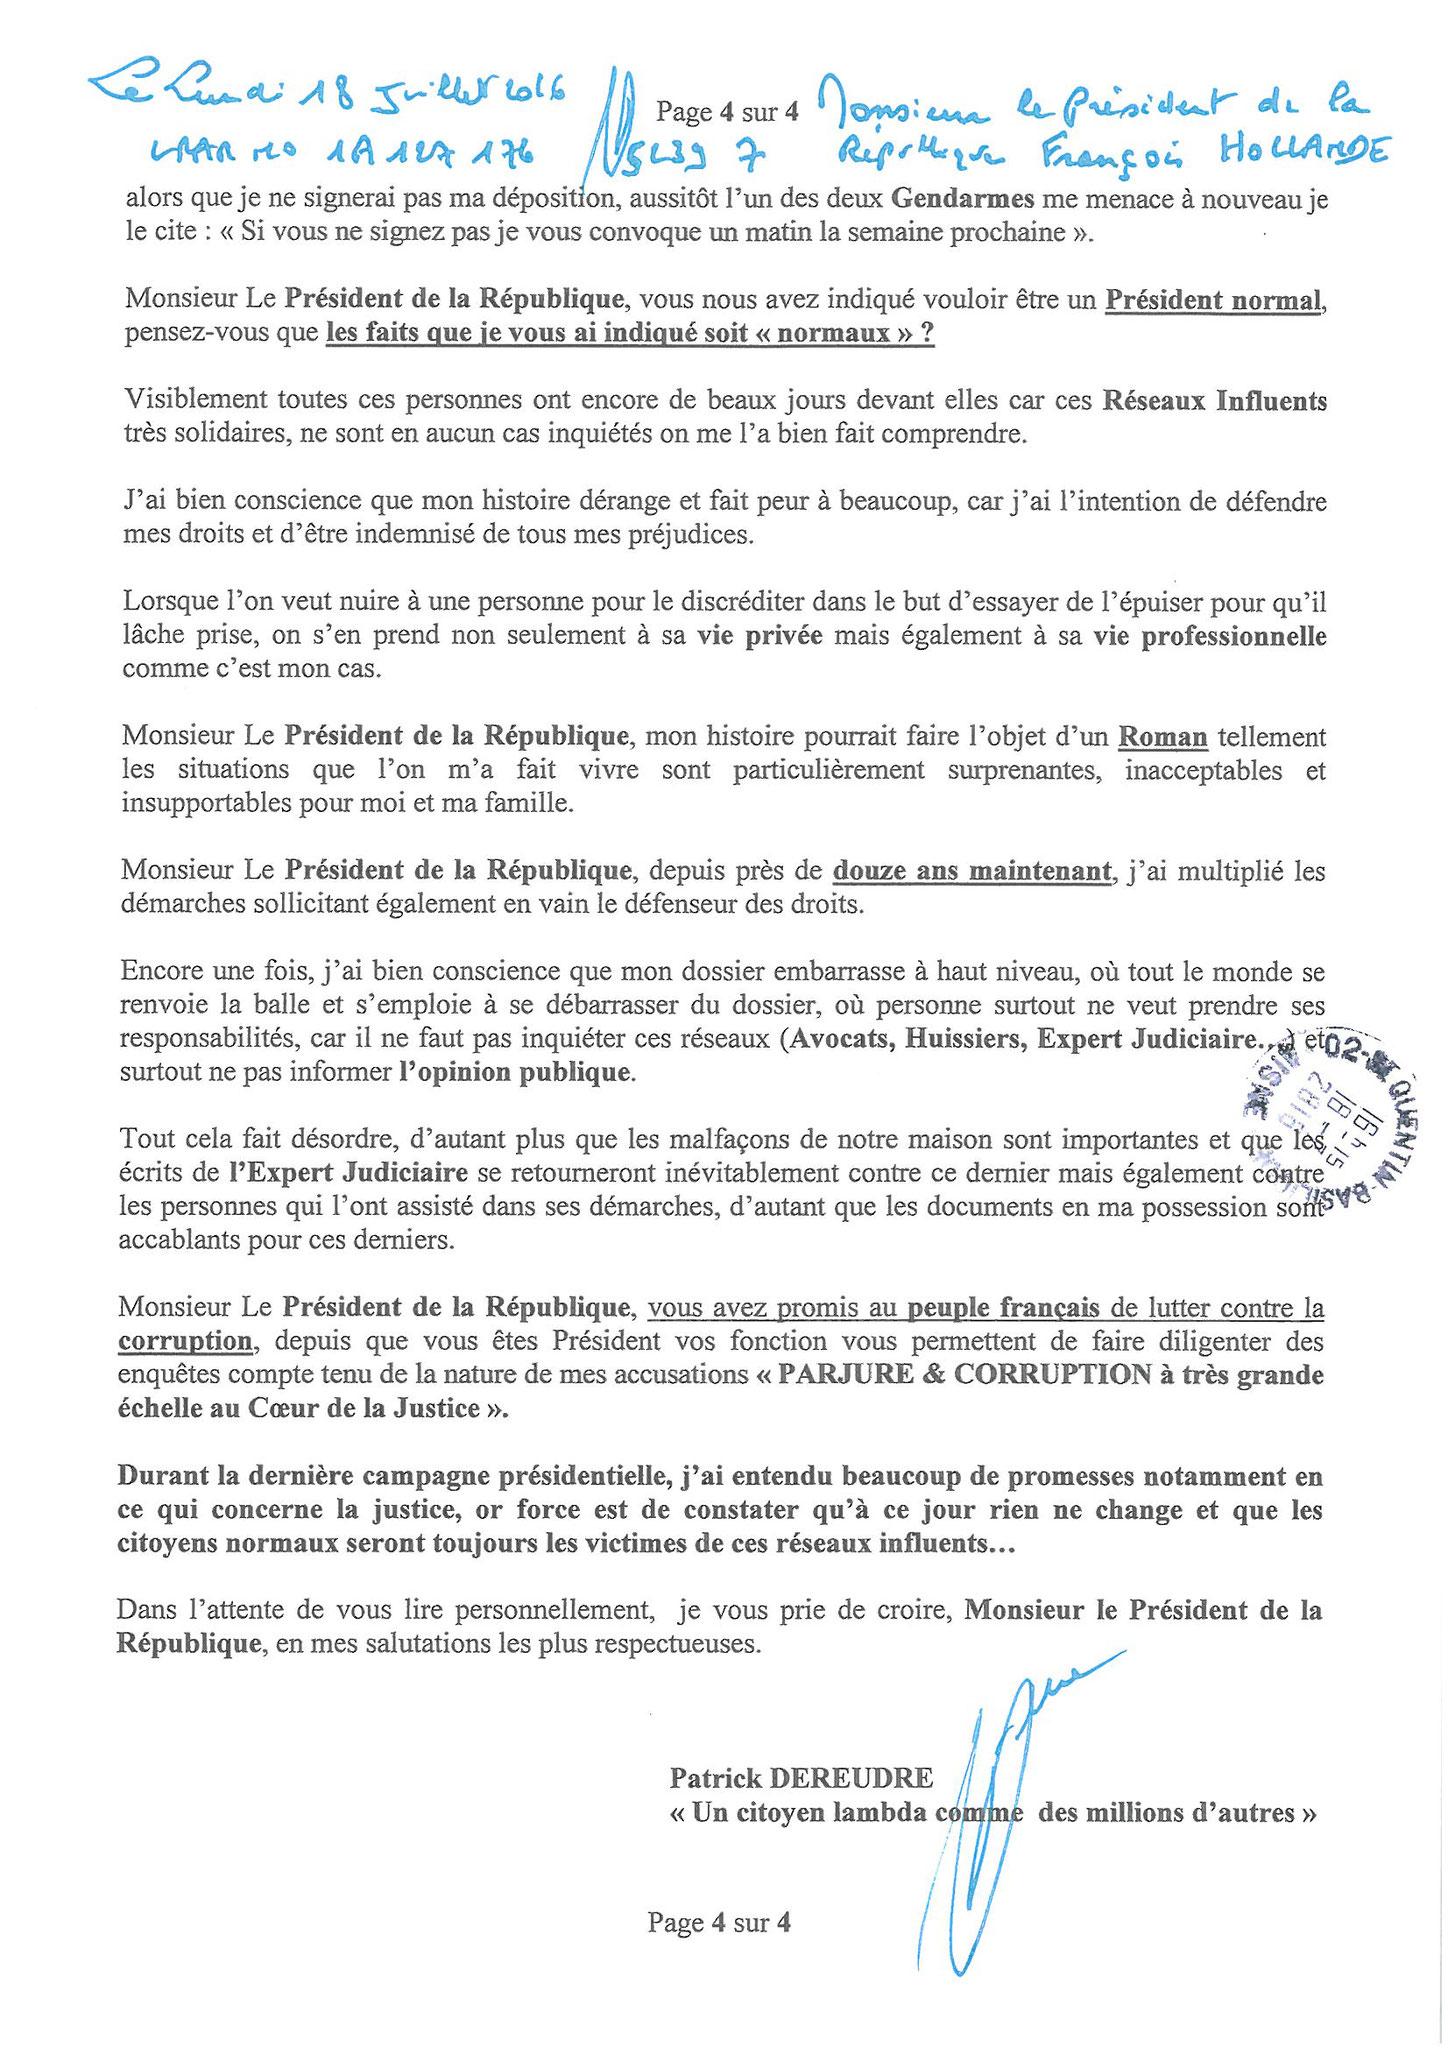 LRAR  du 18 Juillet 2016 à Monsieur François HOLLANDE Président de la République page 4 sur 4